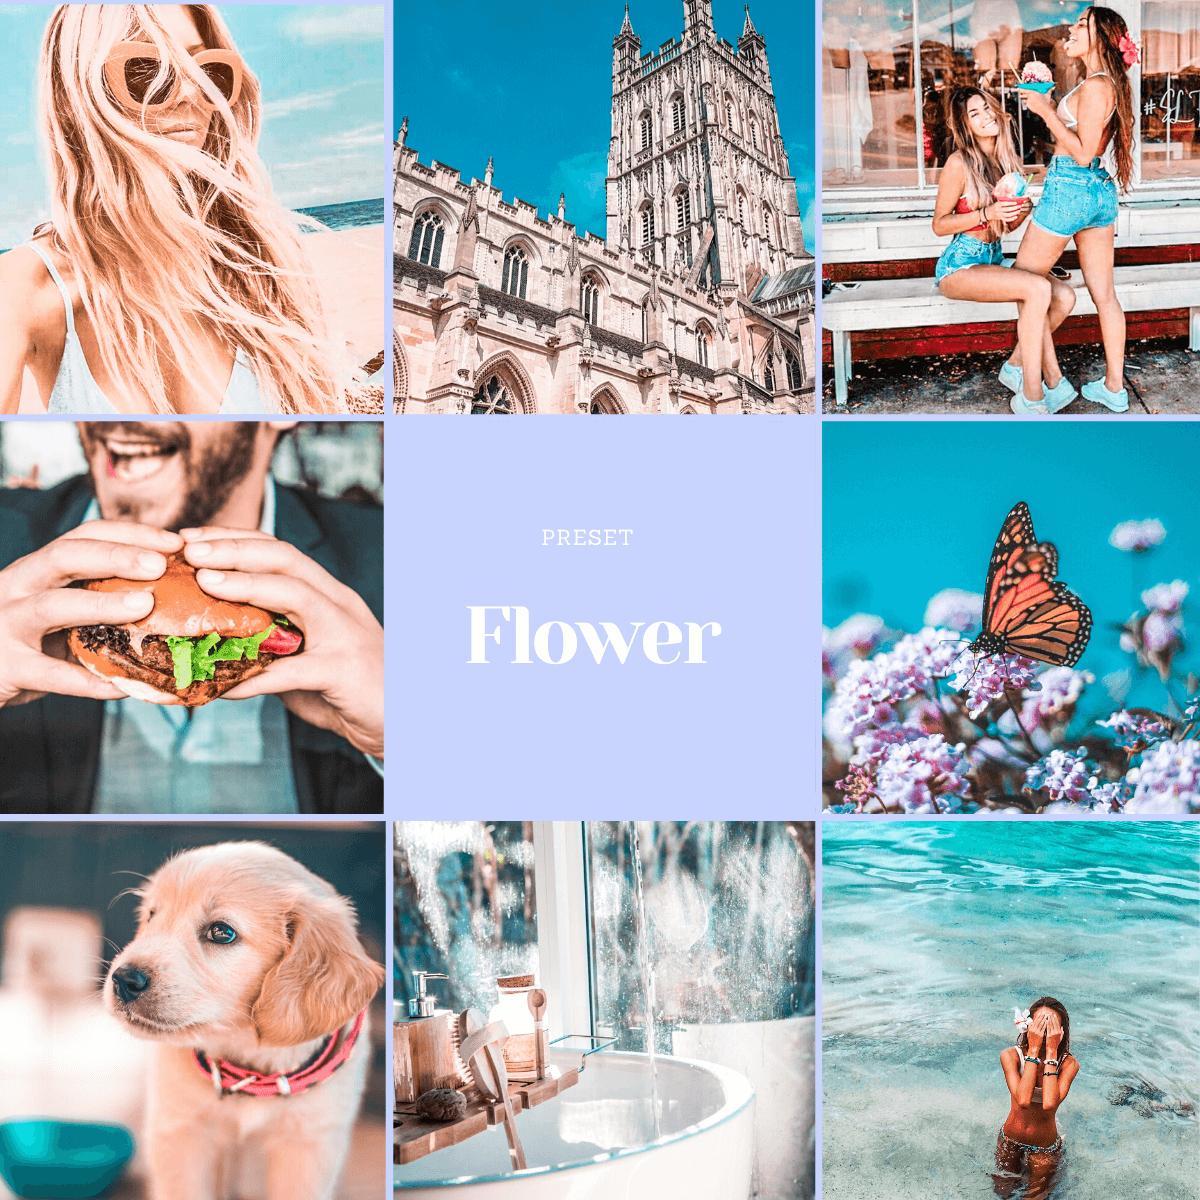 flower-a